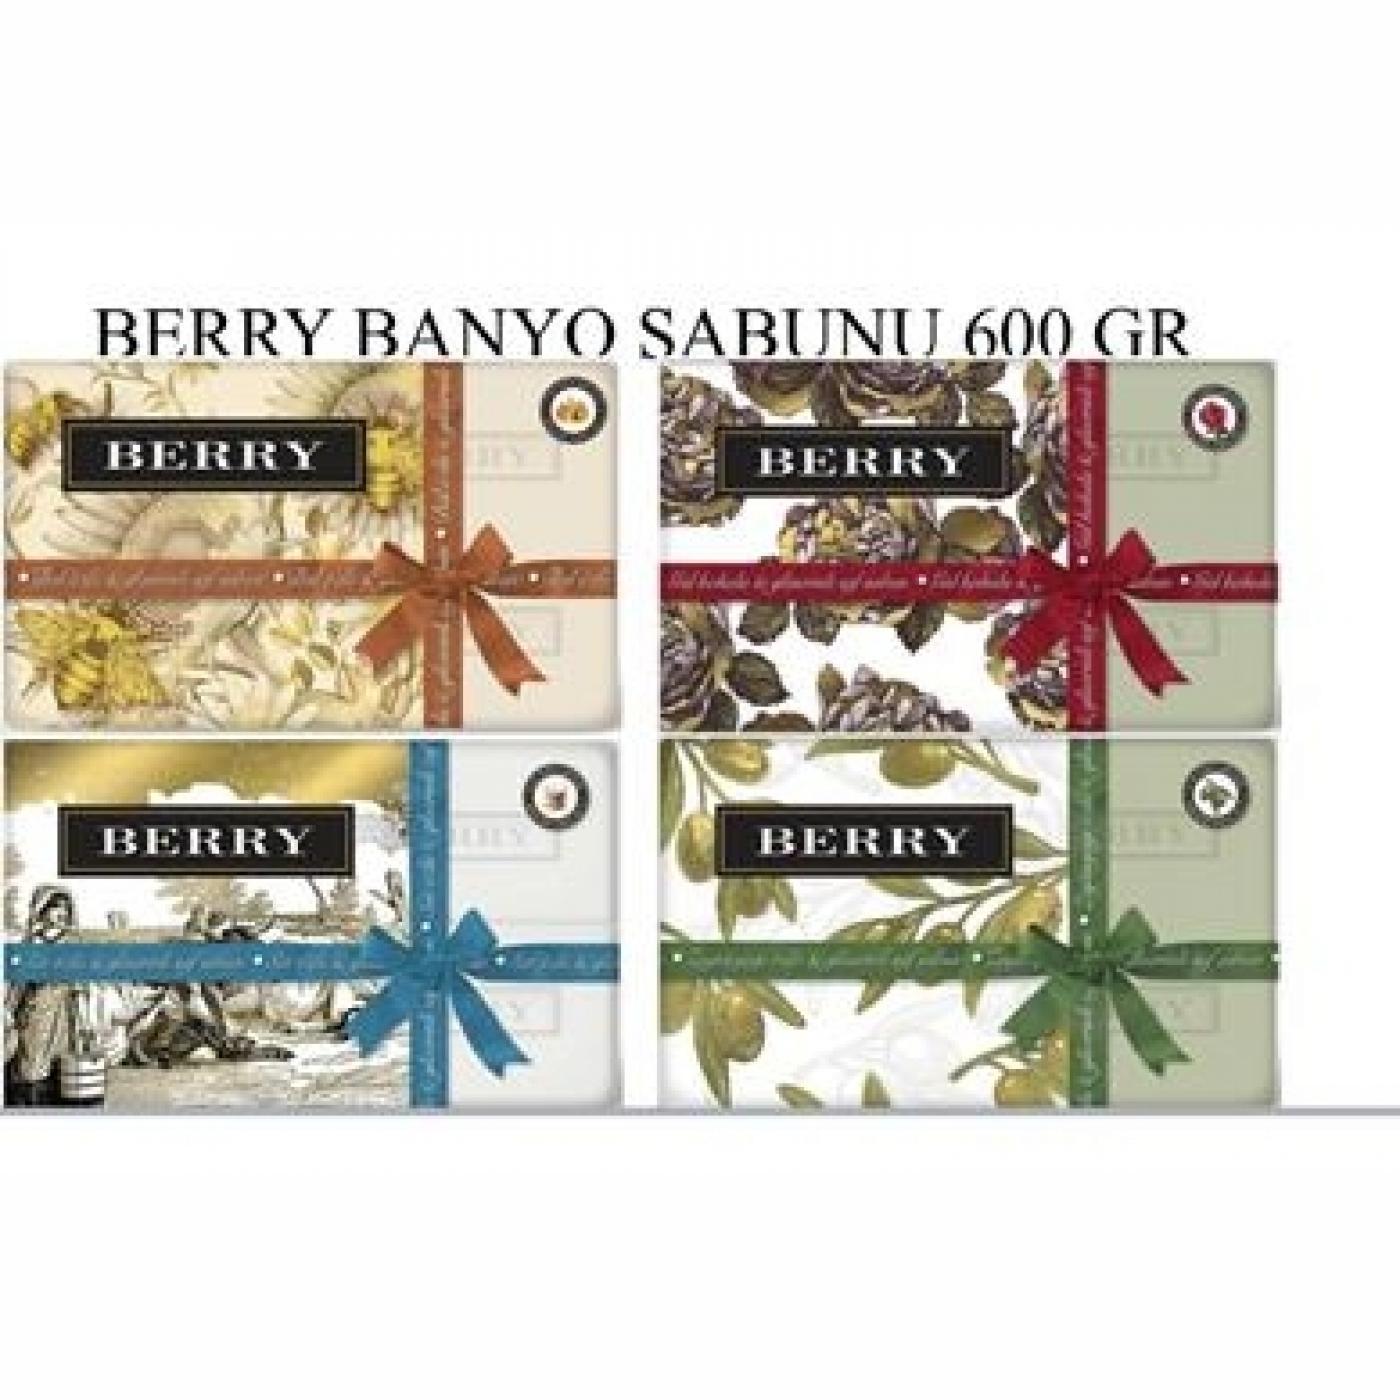 DEX BERRY 4*150GR BANYO SABUNU BAL ÖZLÜ